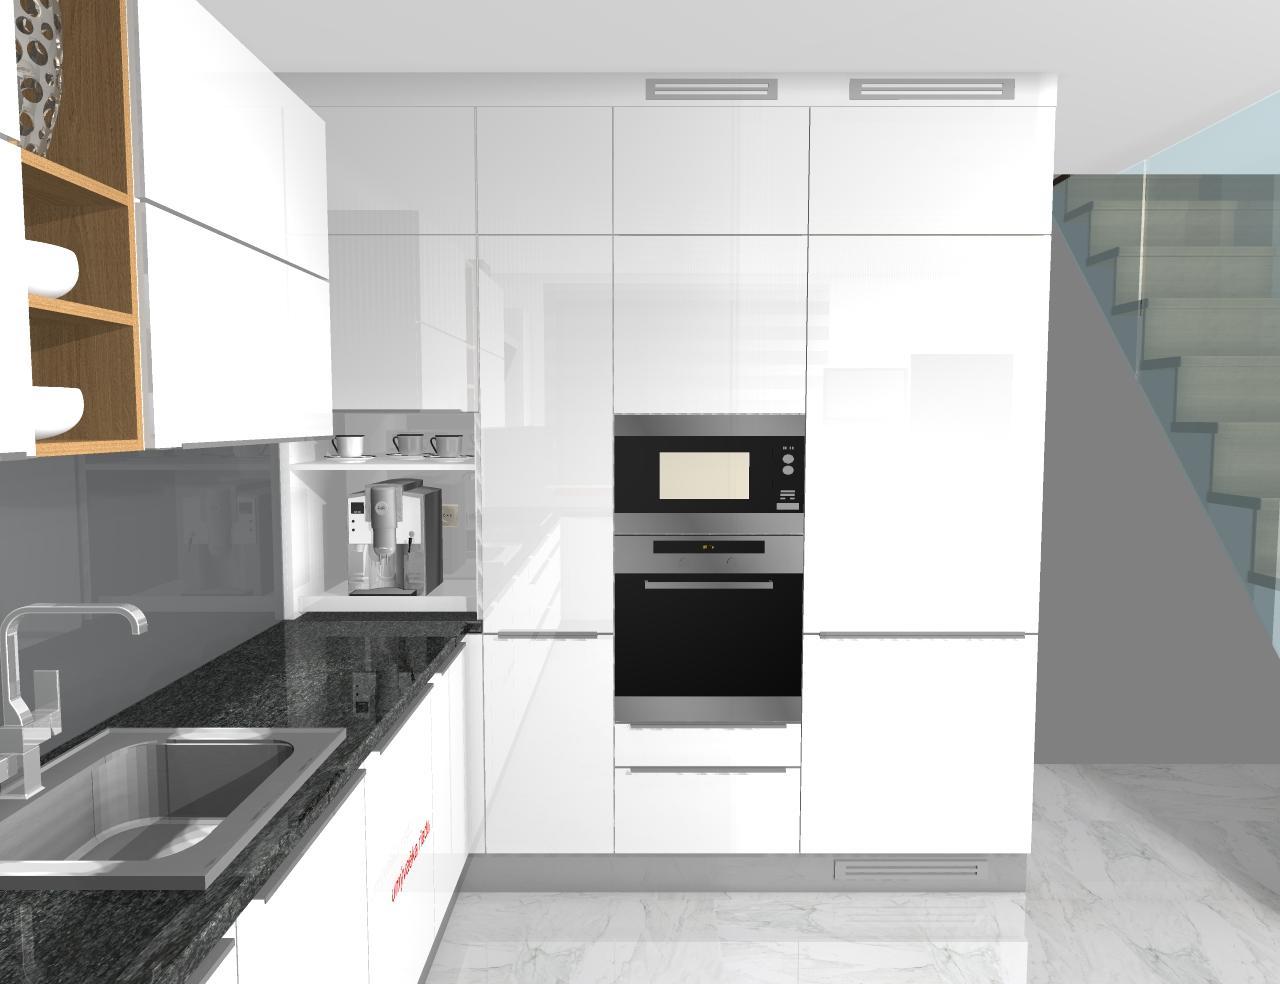 Grafické návrhy kuchynských liniek 2020 - Grafický návrh kuchynskej linky do rodinného domu - obr.6